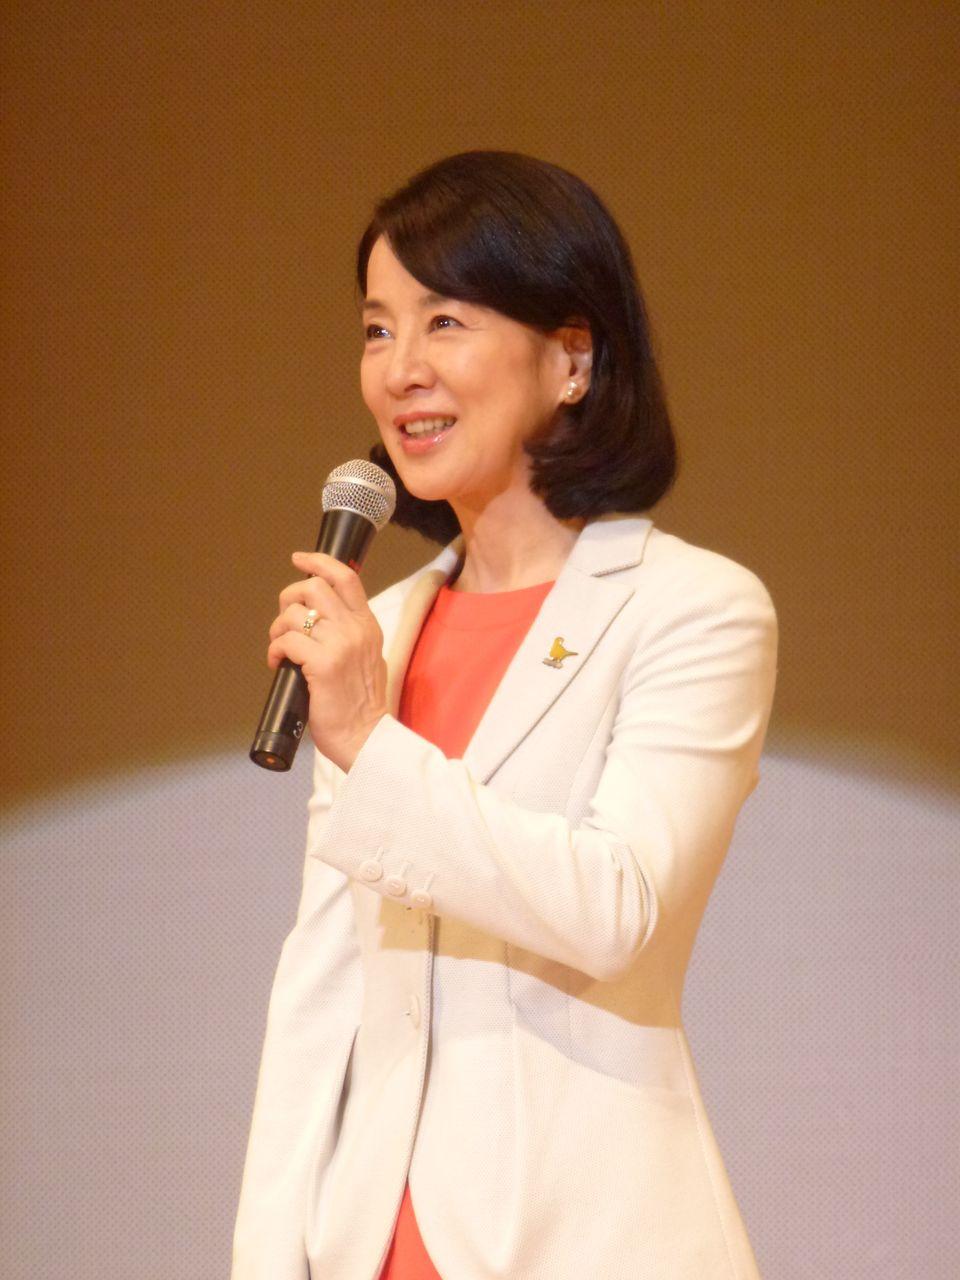 吉永小百合の画像 p1_34